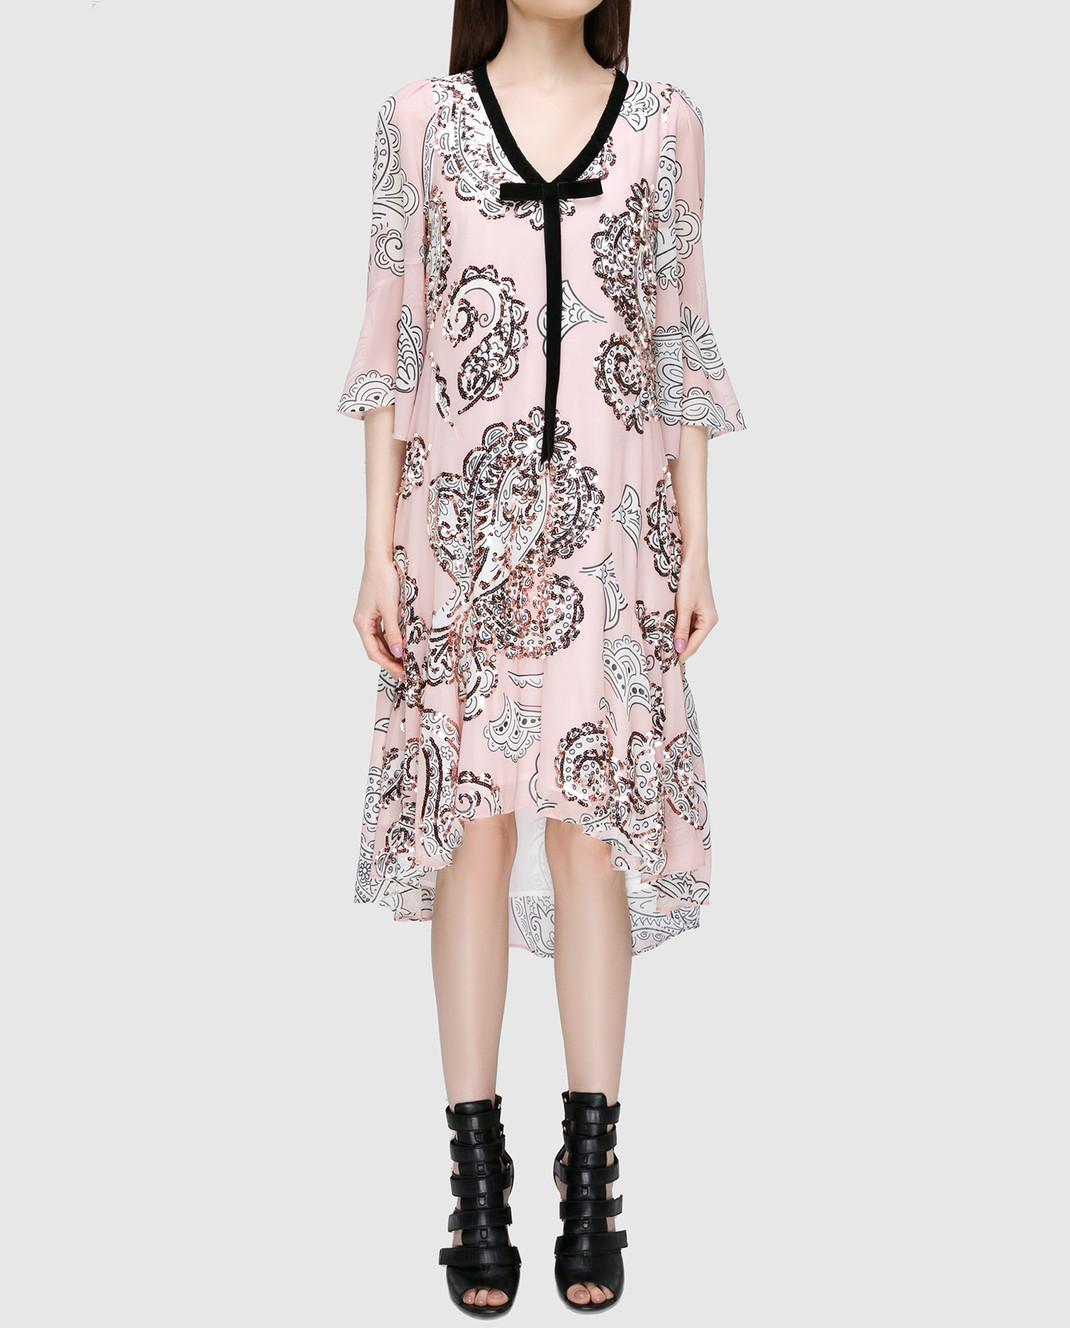 Manoush Персиковое платье ME7PPRO изображение 3